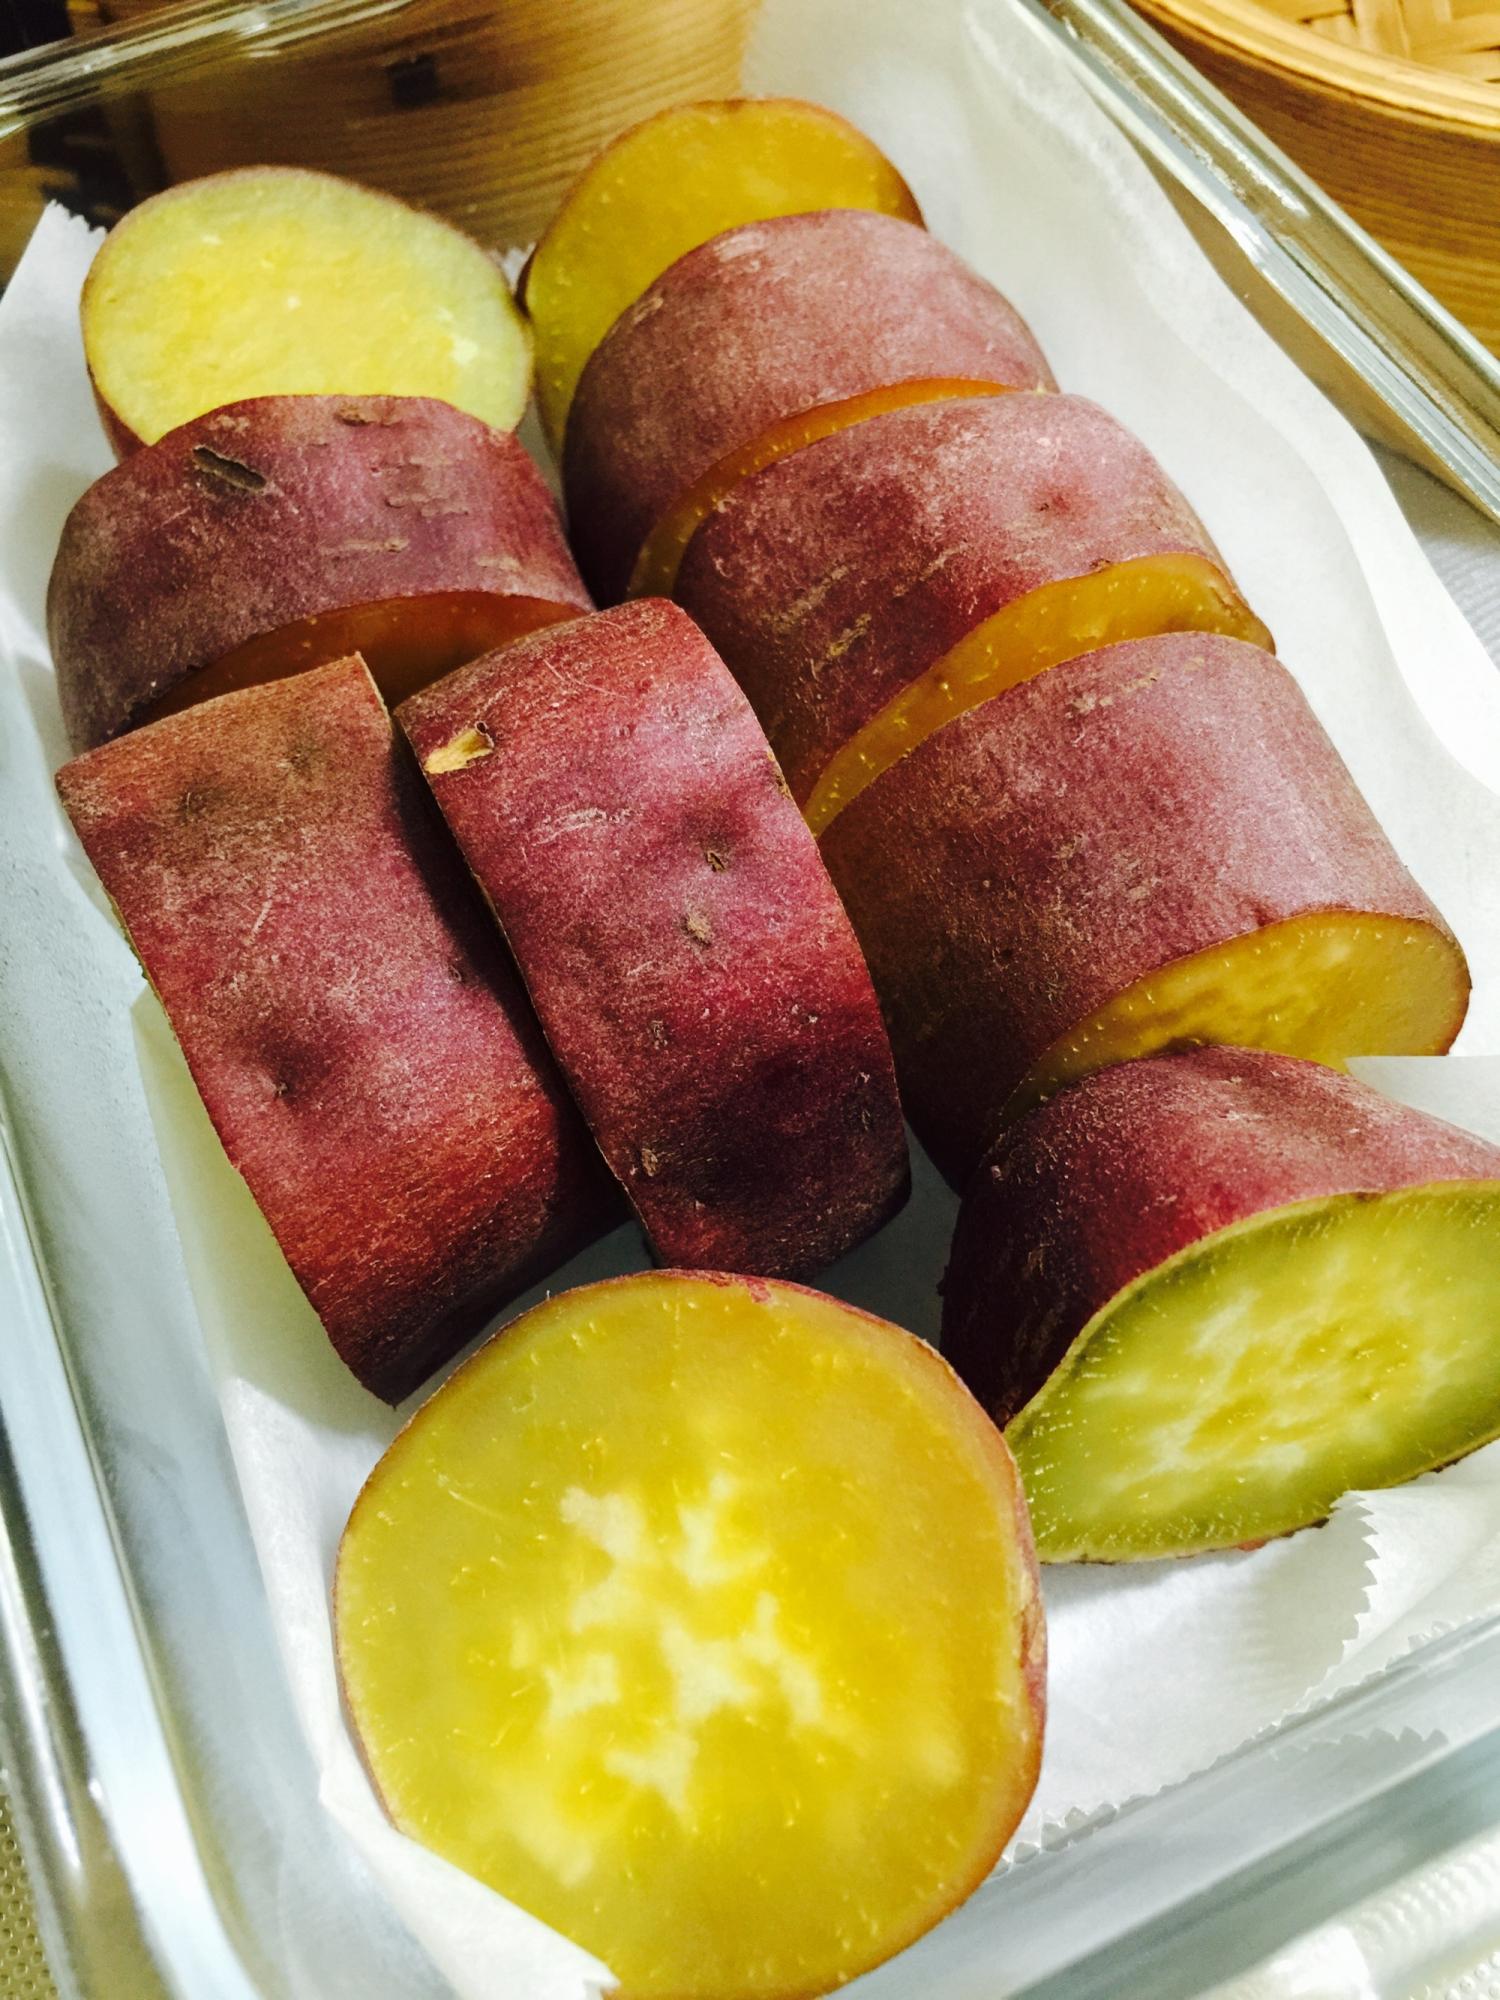 お弁当にあると便利な作り置き!蒸すだけさつま芋 レシピ・作り方 by saori2005|楽天レシピ